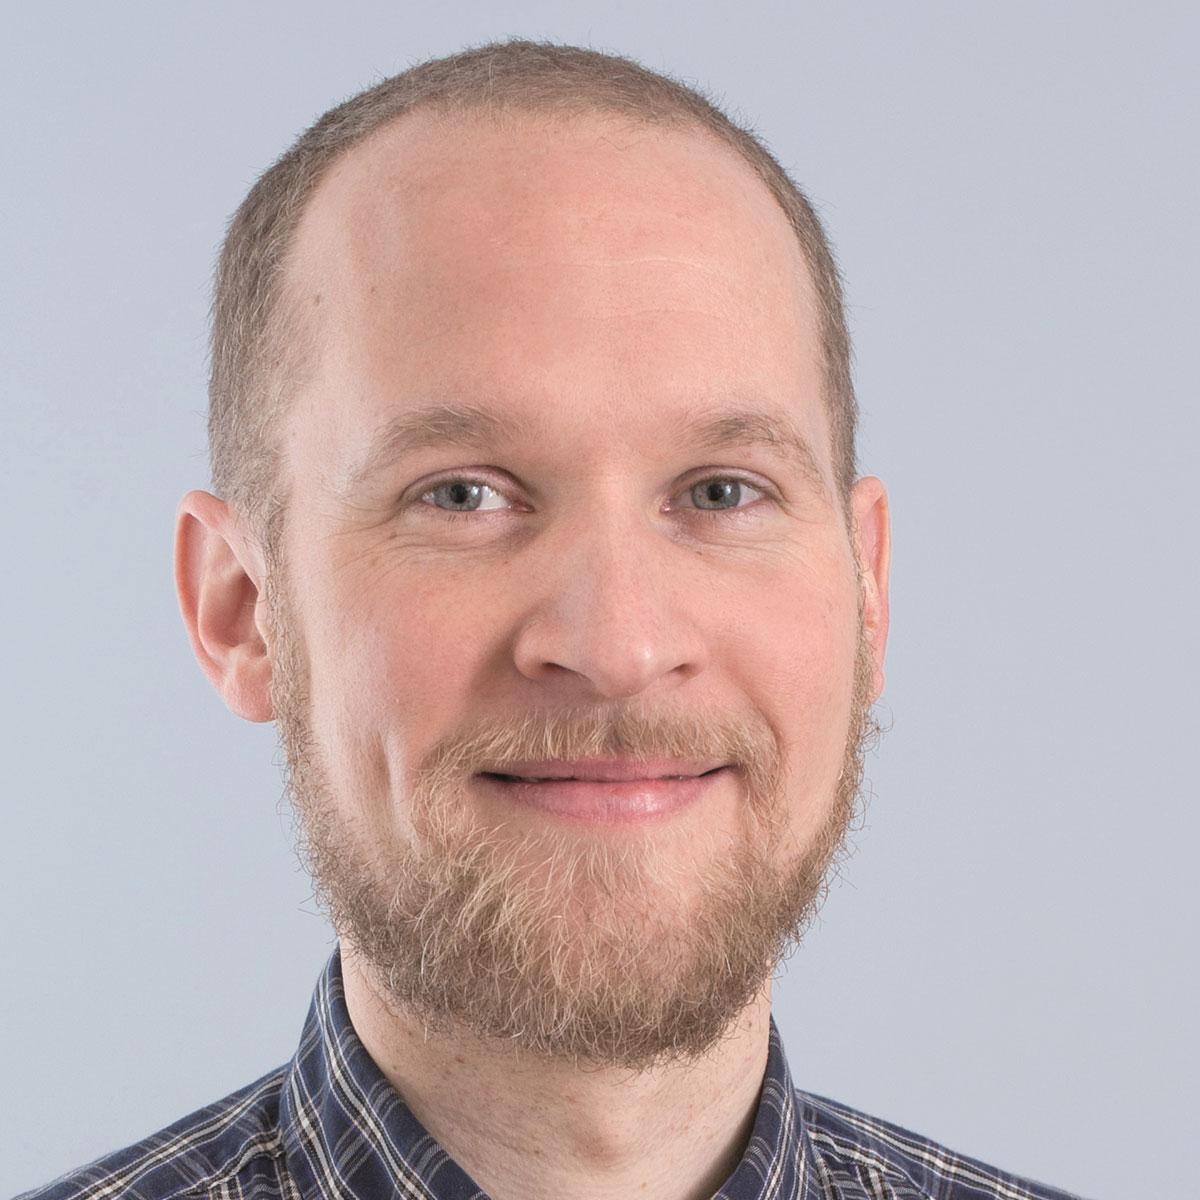 SP-Kantonsrat Marcel Budmiger will seinen bürgerlichen Kollegen die Augen öffnen. (Bild: zvg)